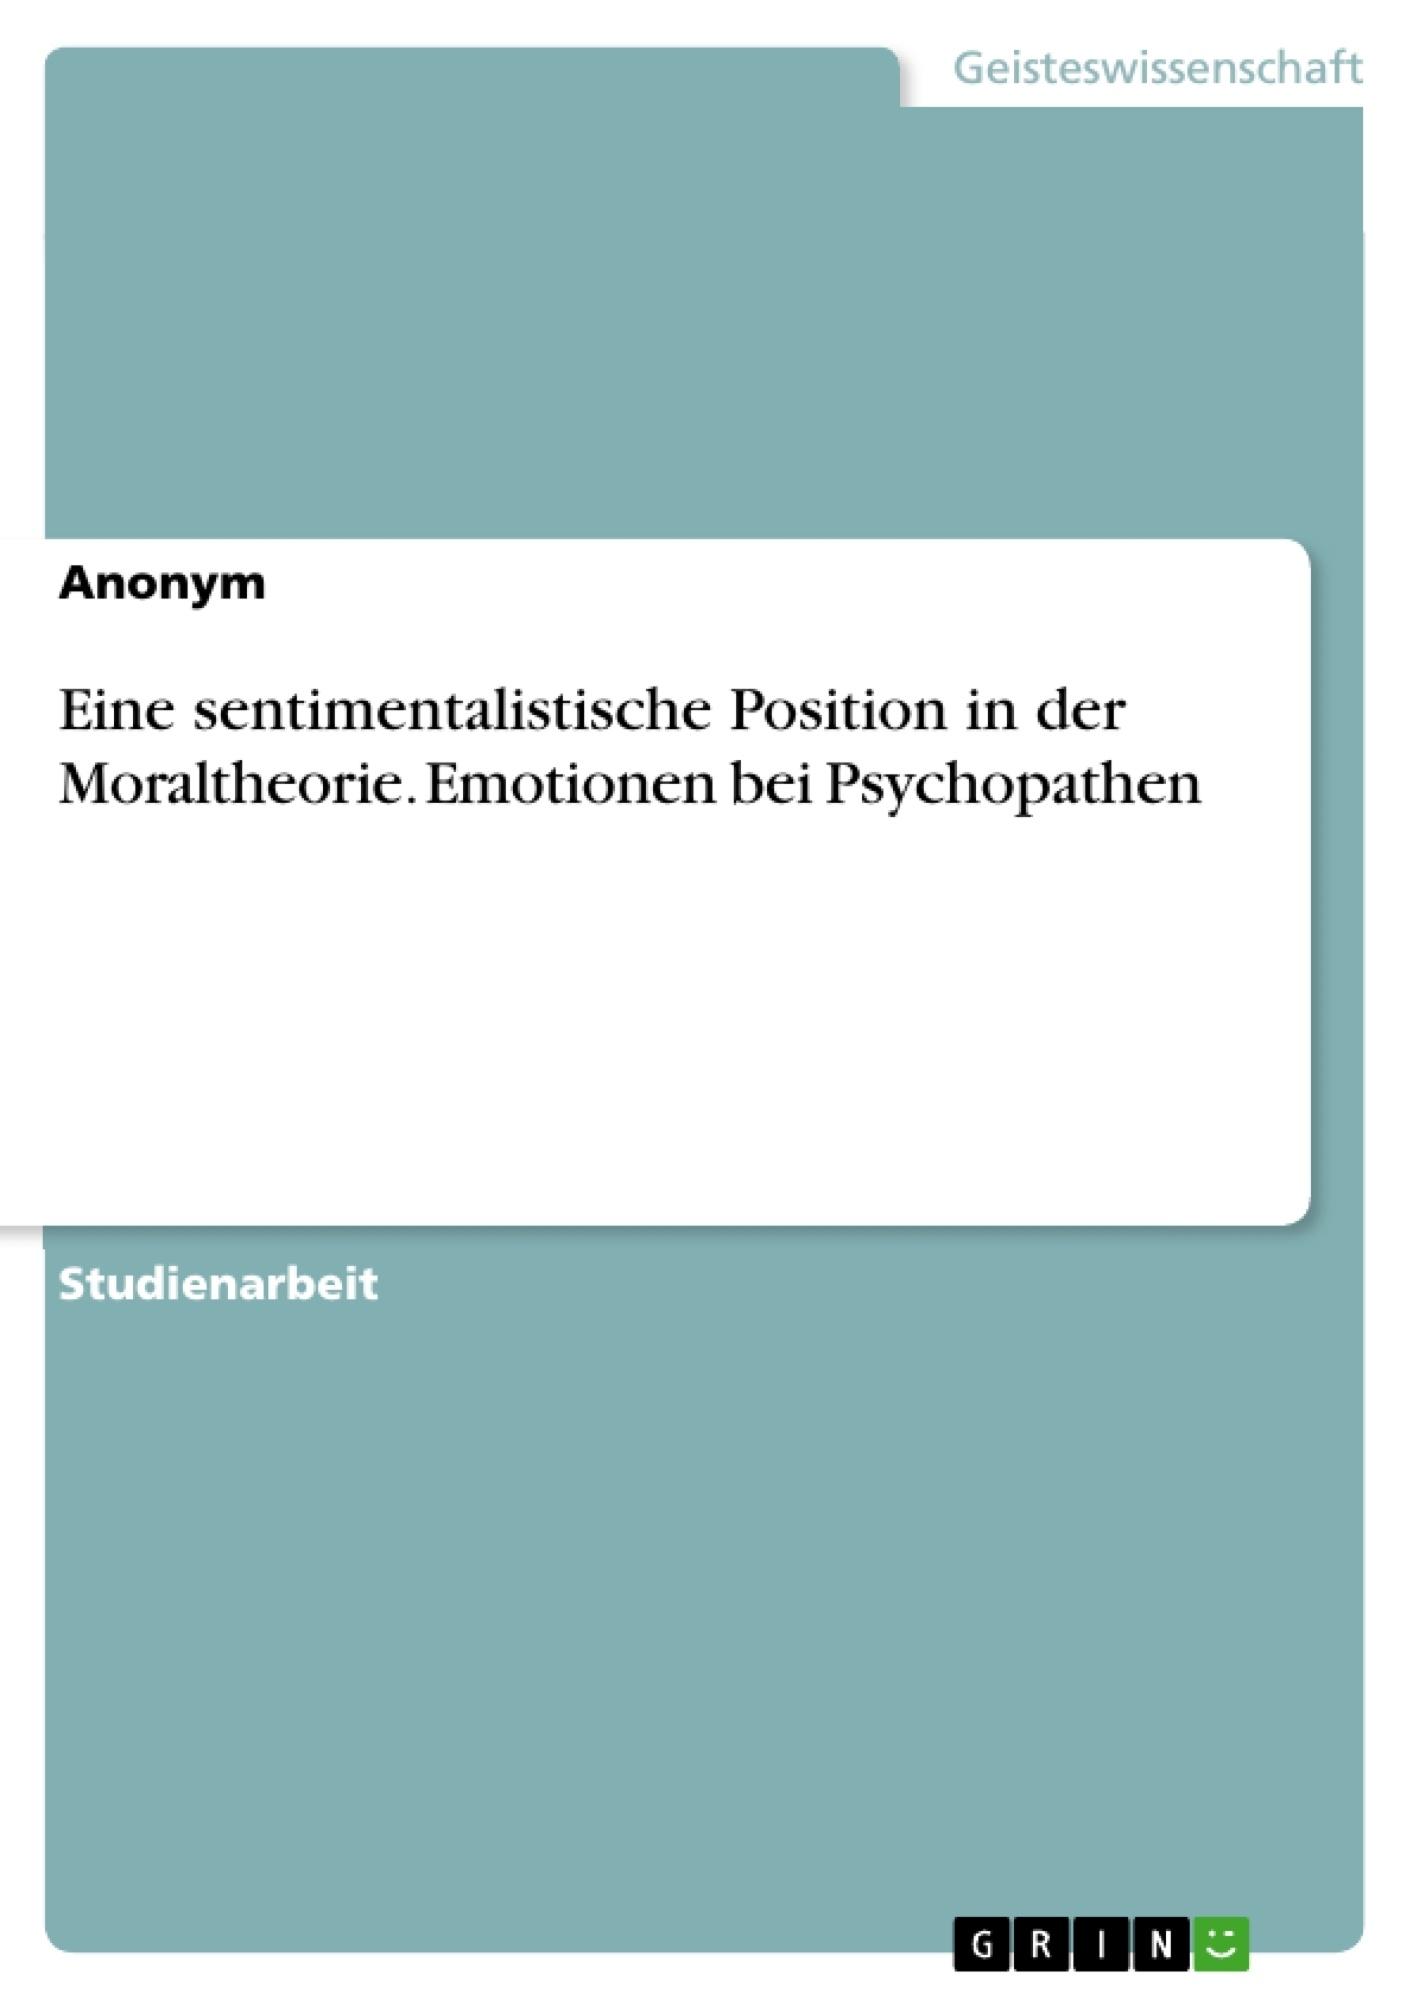 Titel: Eine sentimentalistische Position in der Moraltheorie. Emotionen bei Psychopathen